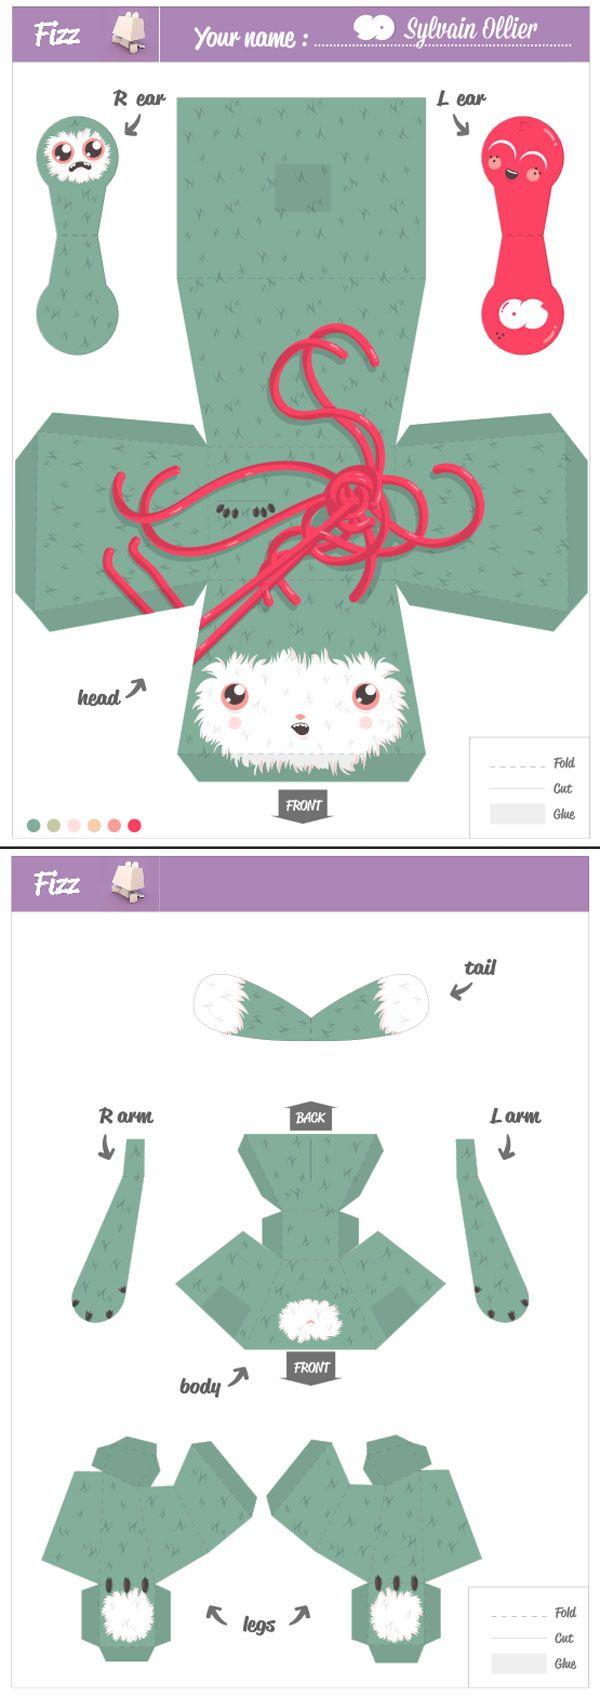 oshinaki pepetz paper toy | Free printable patterns | Paper